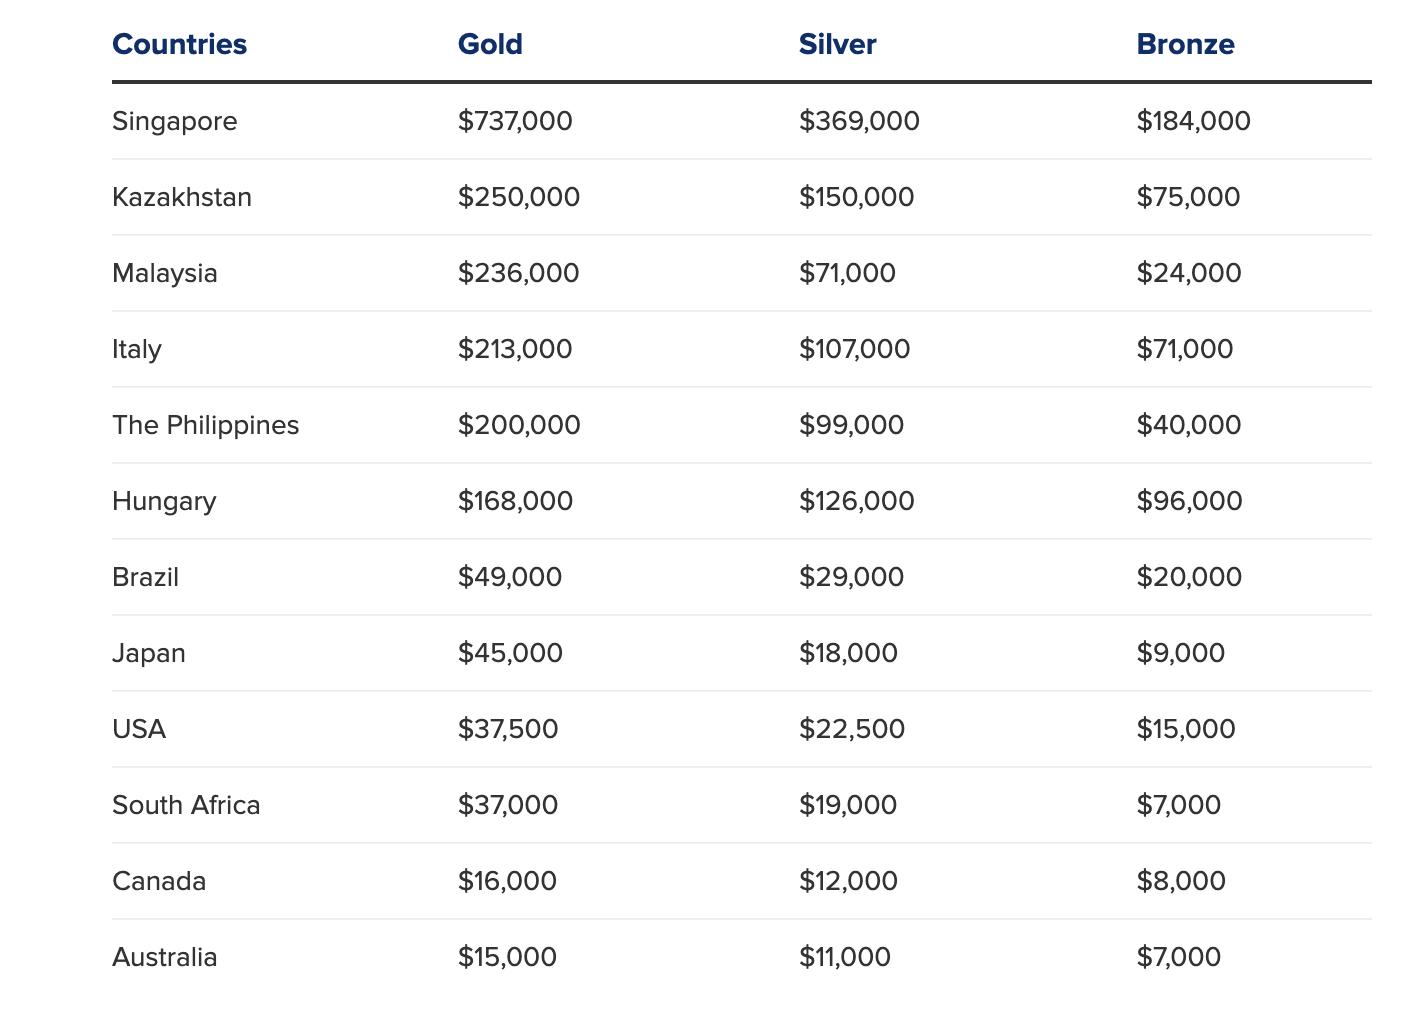 Các VĐV Olympic nhận thưởng bao nhiêu khi giành HCV? Mỹ treo thưởng 863 triệu nhưng chỉ bằng 1/20 so với Singapore - Ảnh 2.